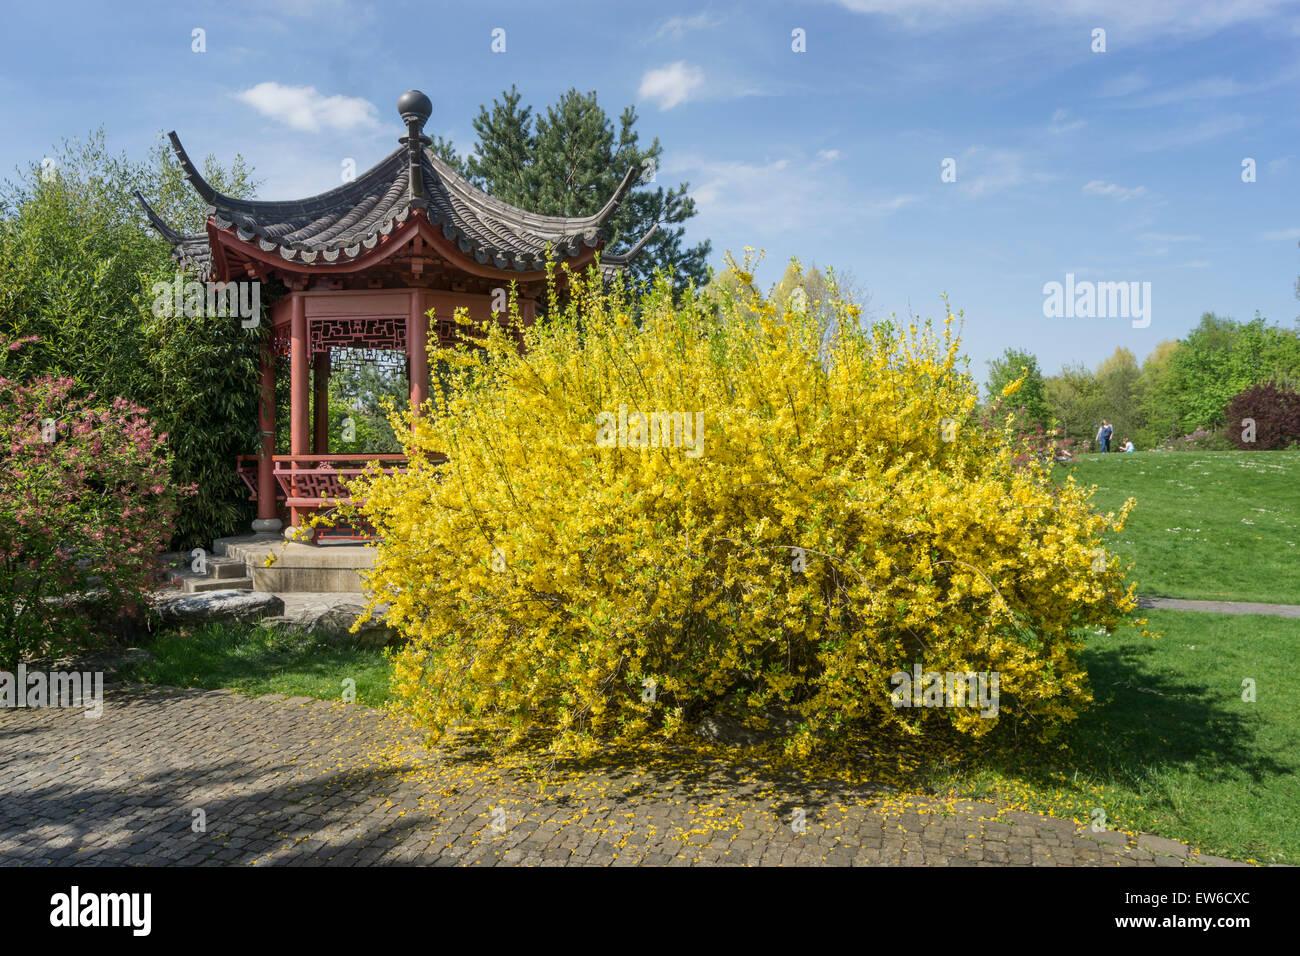 Garten der Welt, Freizeit Park, Marzahn, Berlin Stockfoto